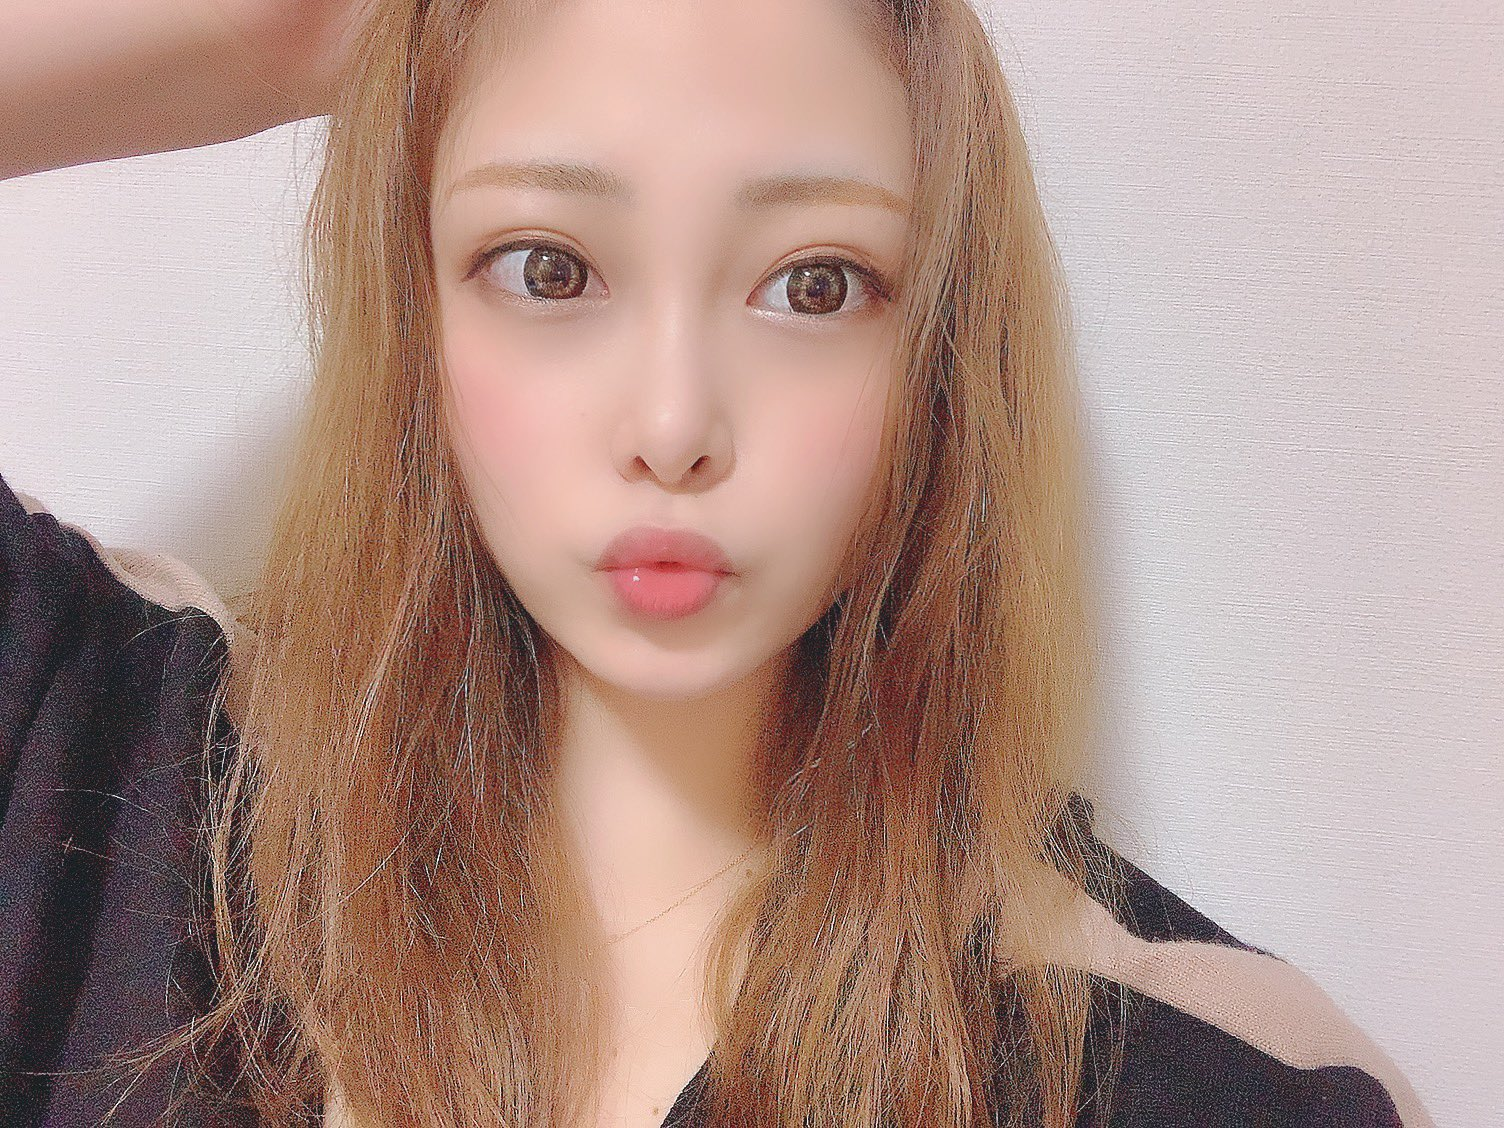 【希代あみエロ画像】Gカップ美巨乳くびれ絶品ボディのリケジョ・希代あみ!